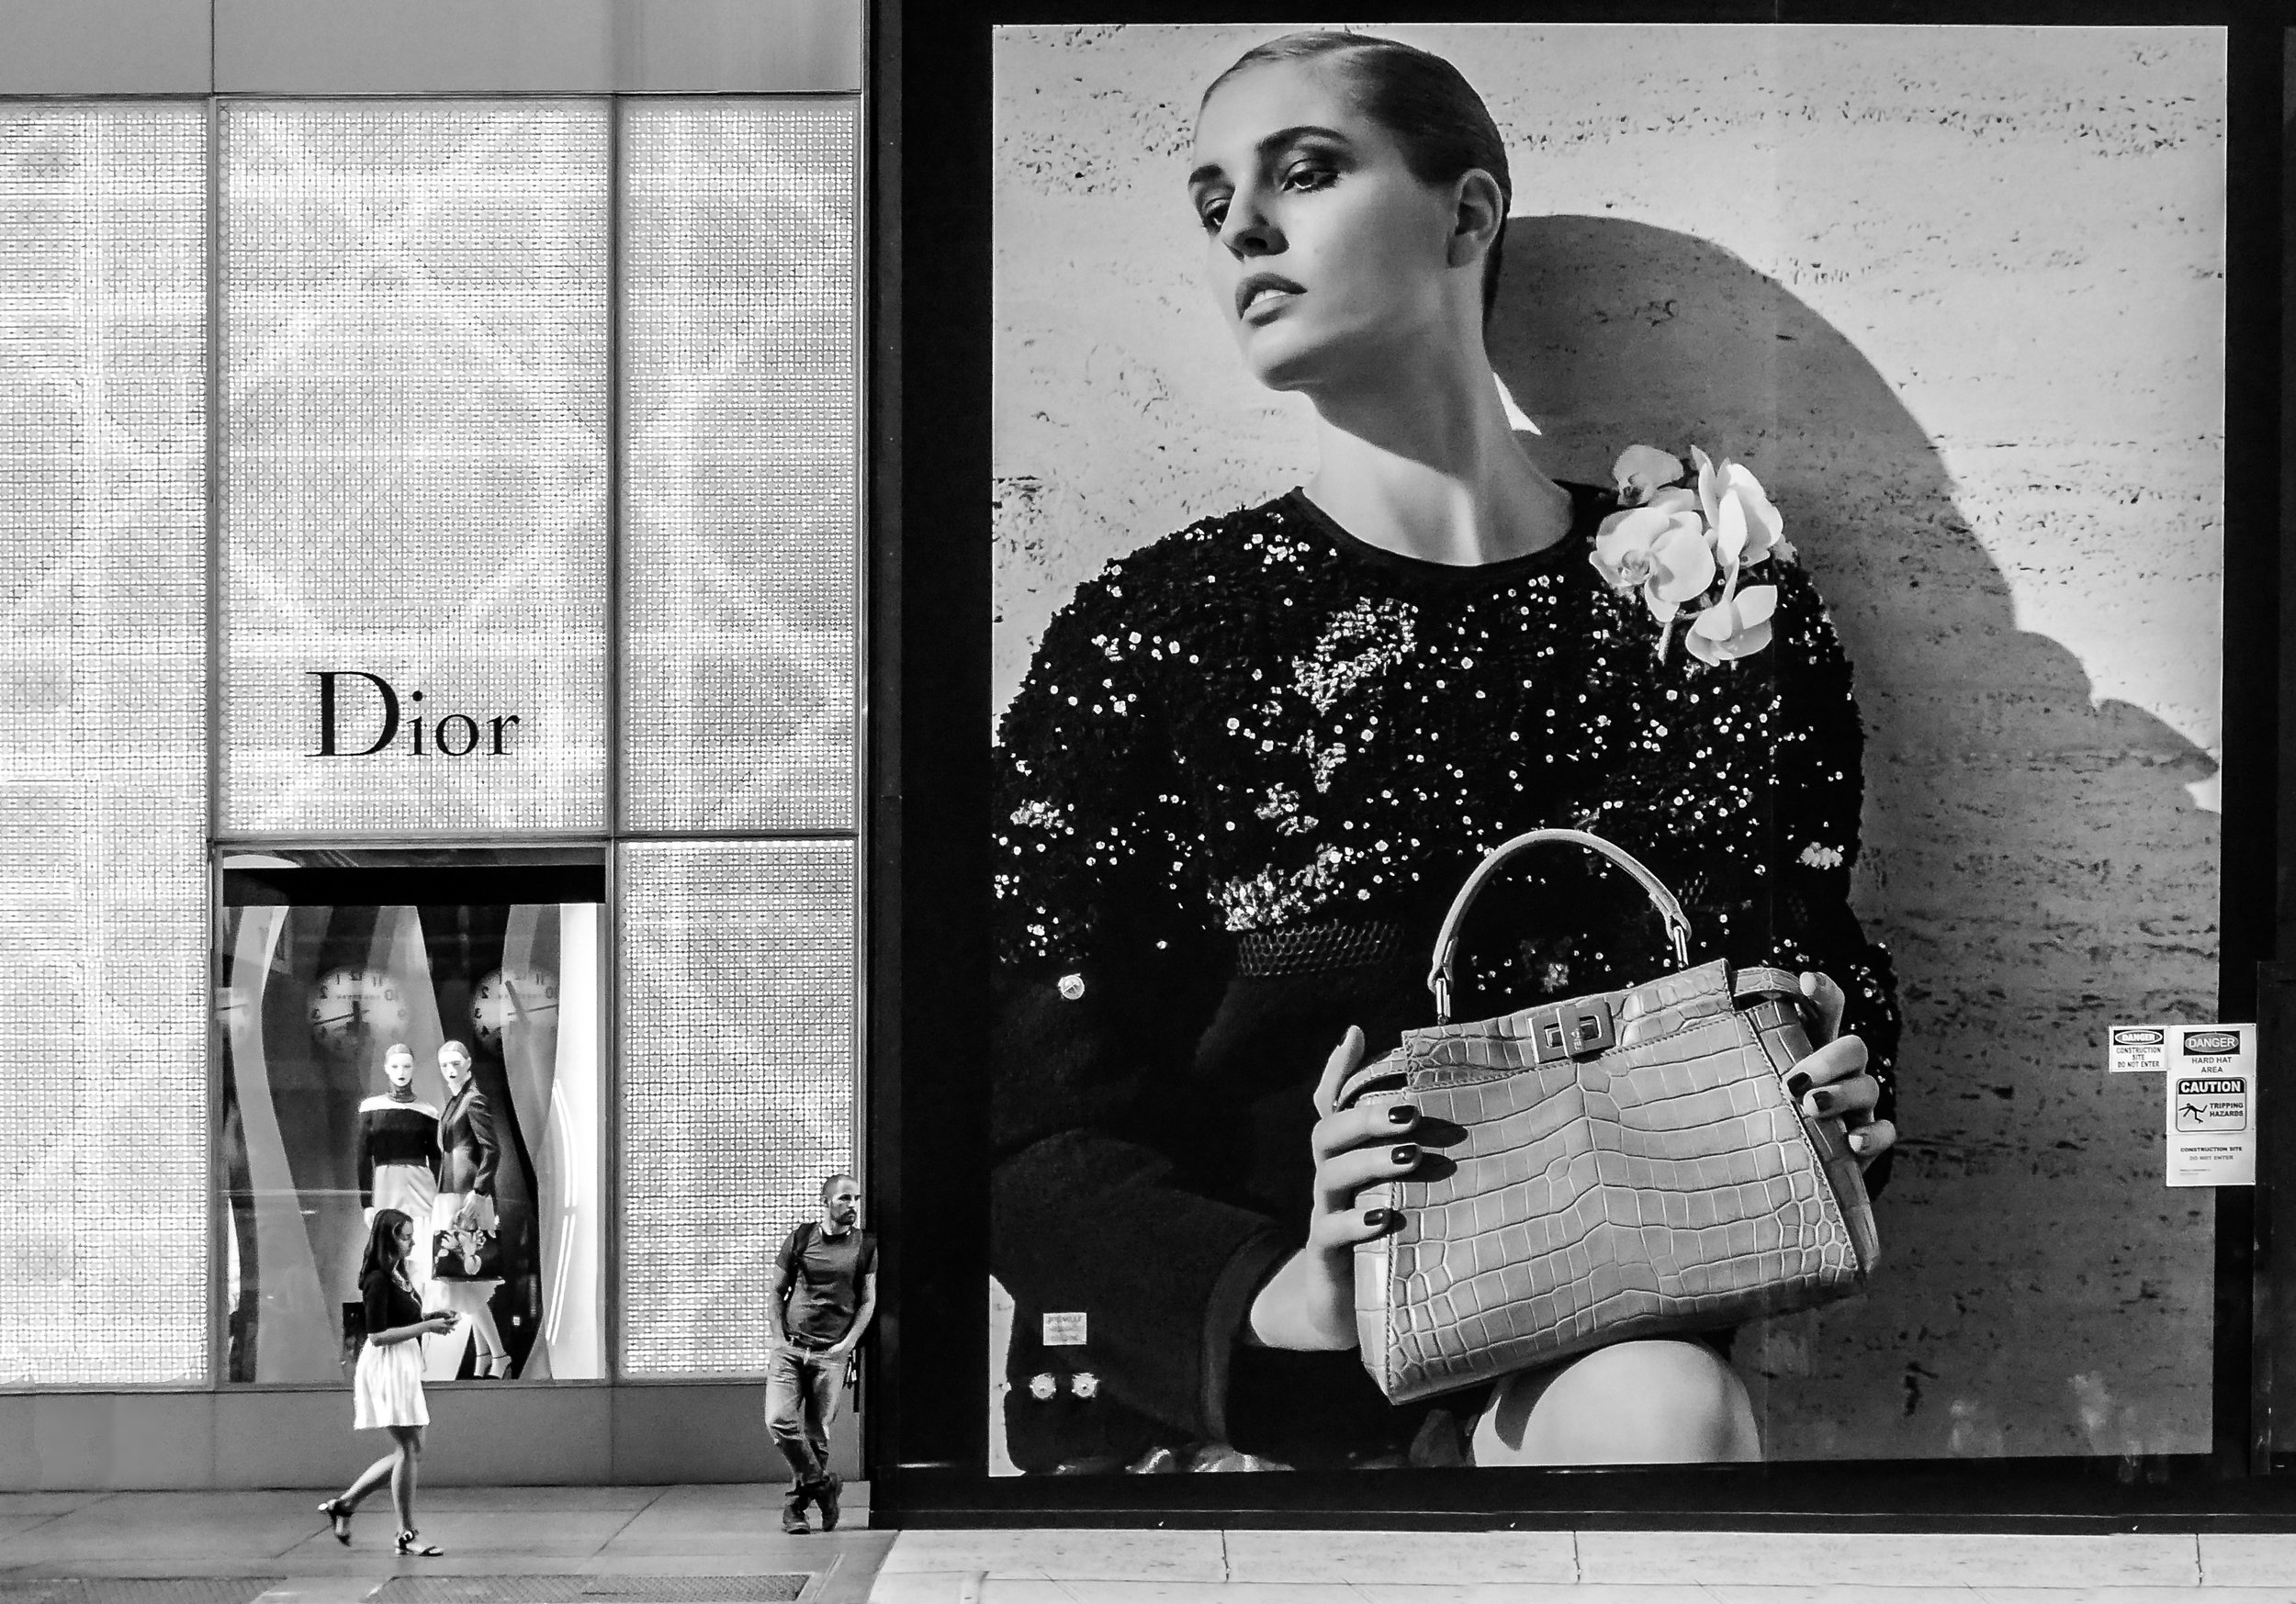 Girl, Boy, Dior